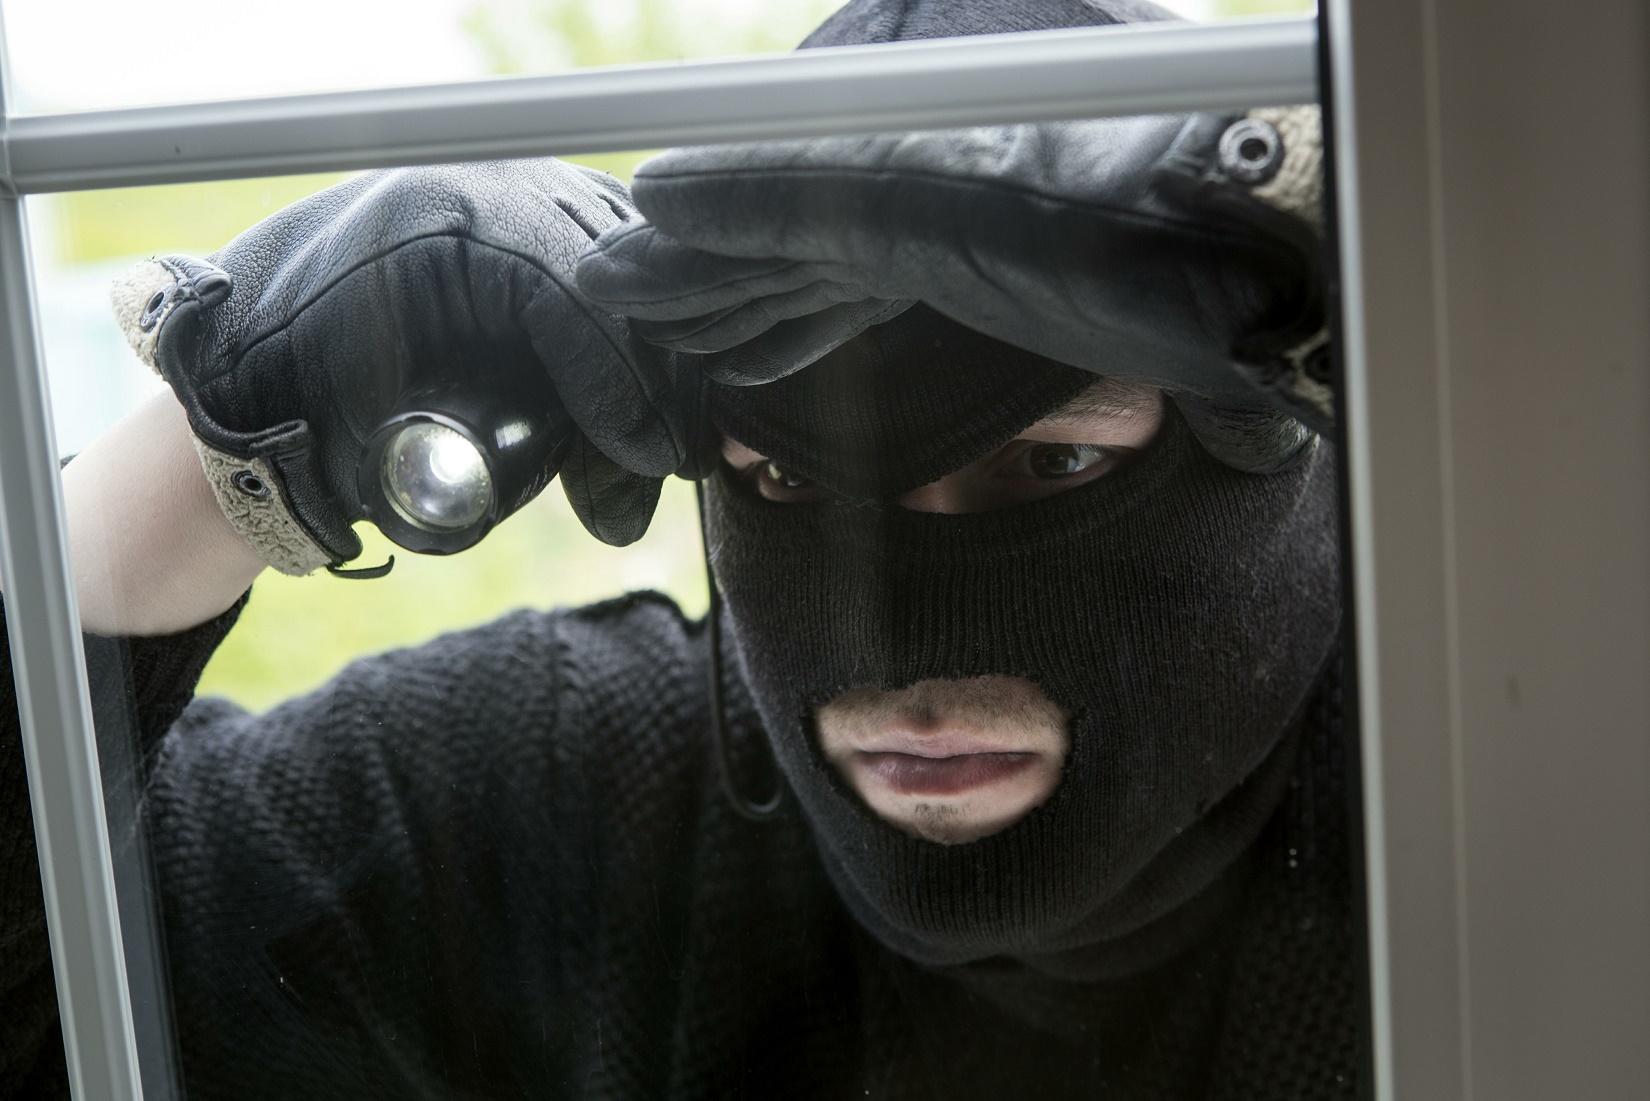 ВКотельниковском районе неизвестные стащили ювелирки на5 млн. руб.